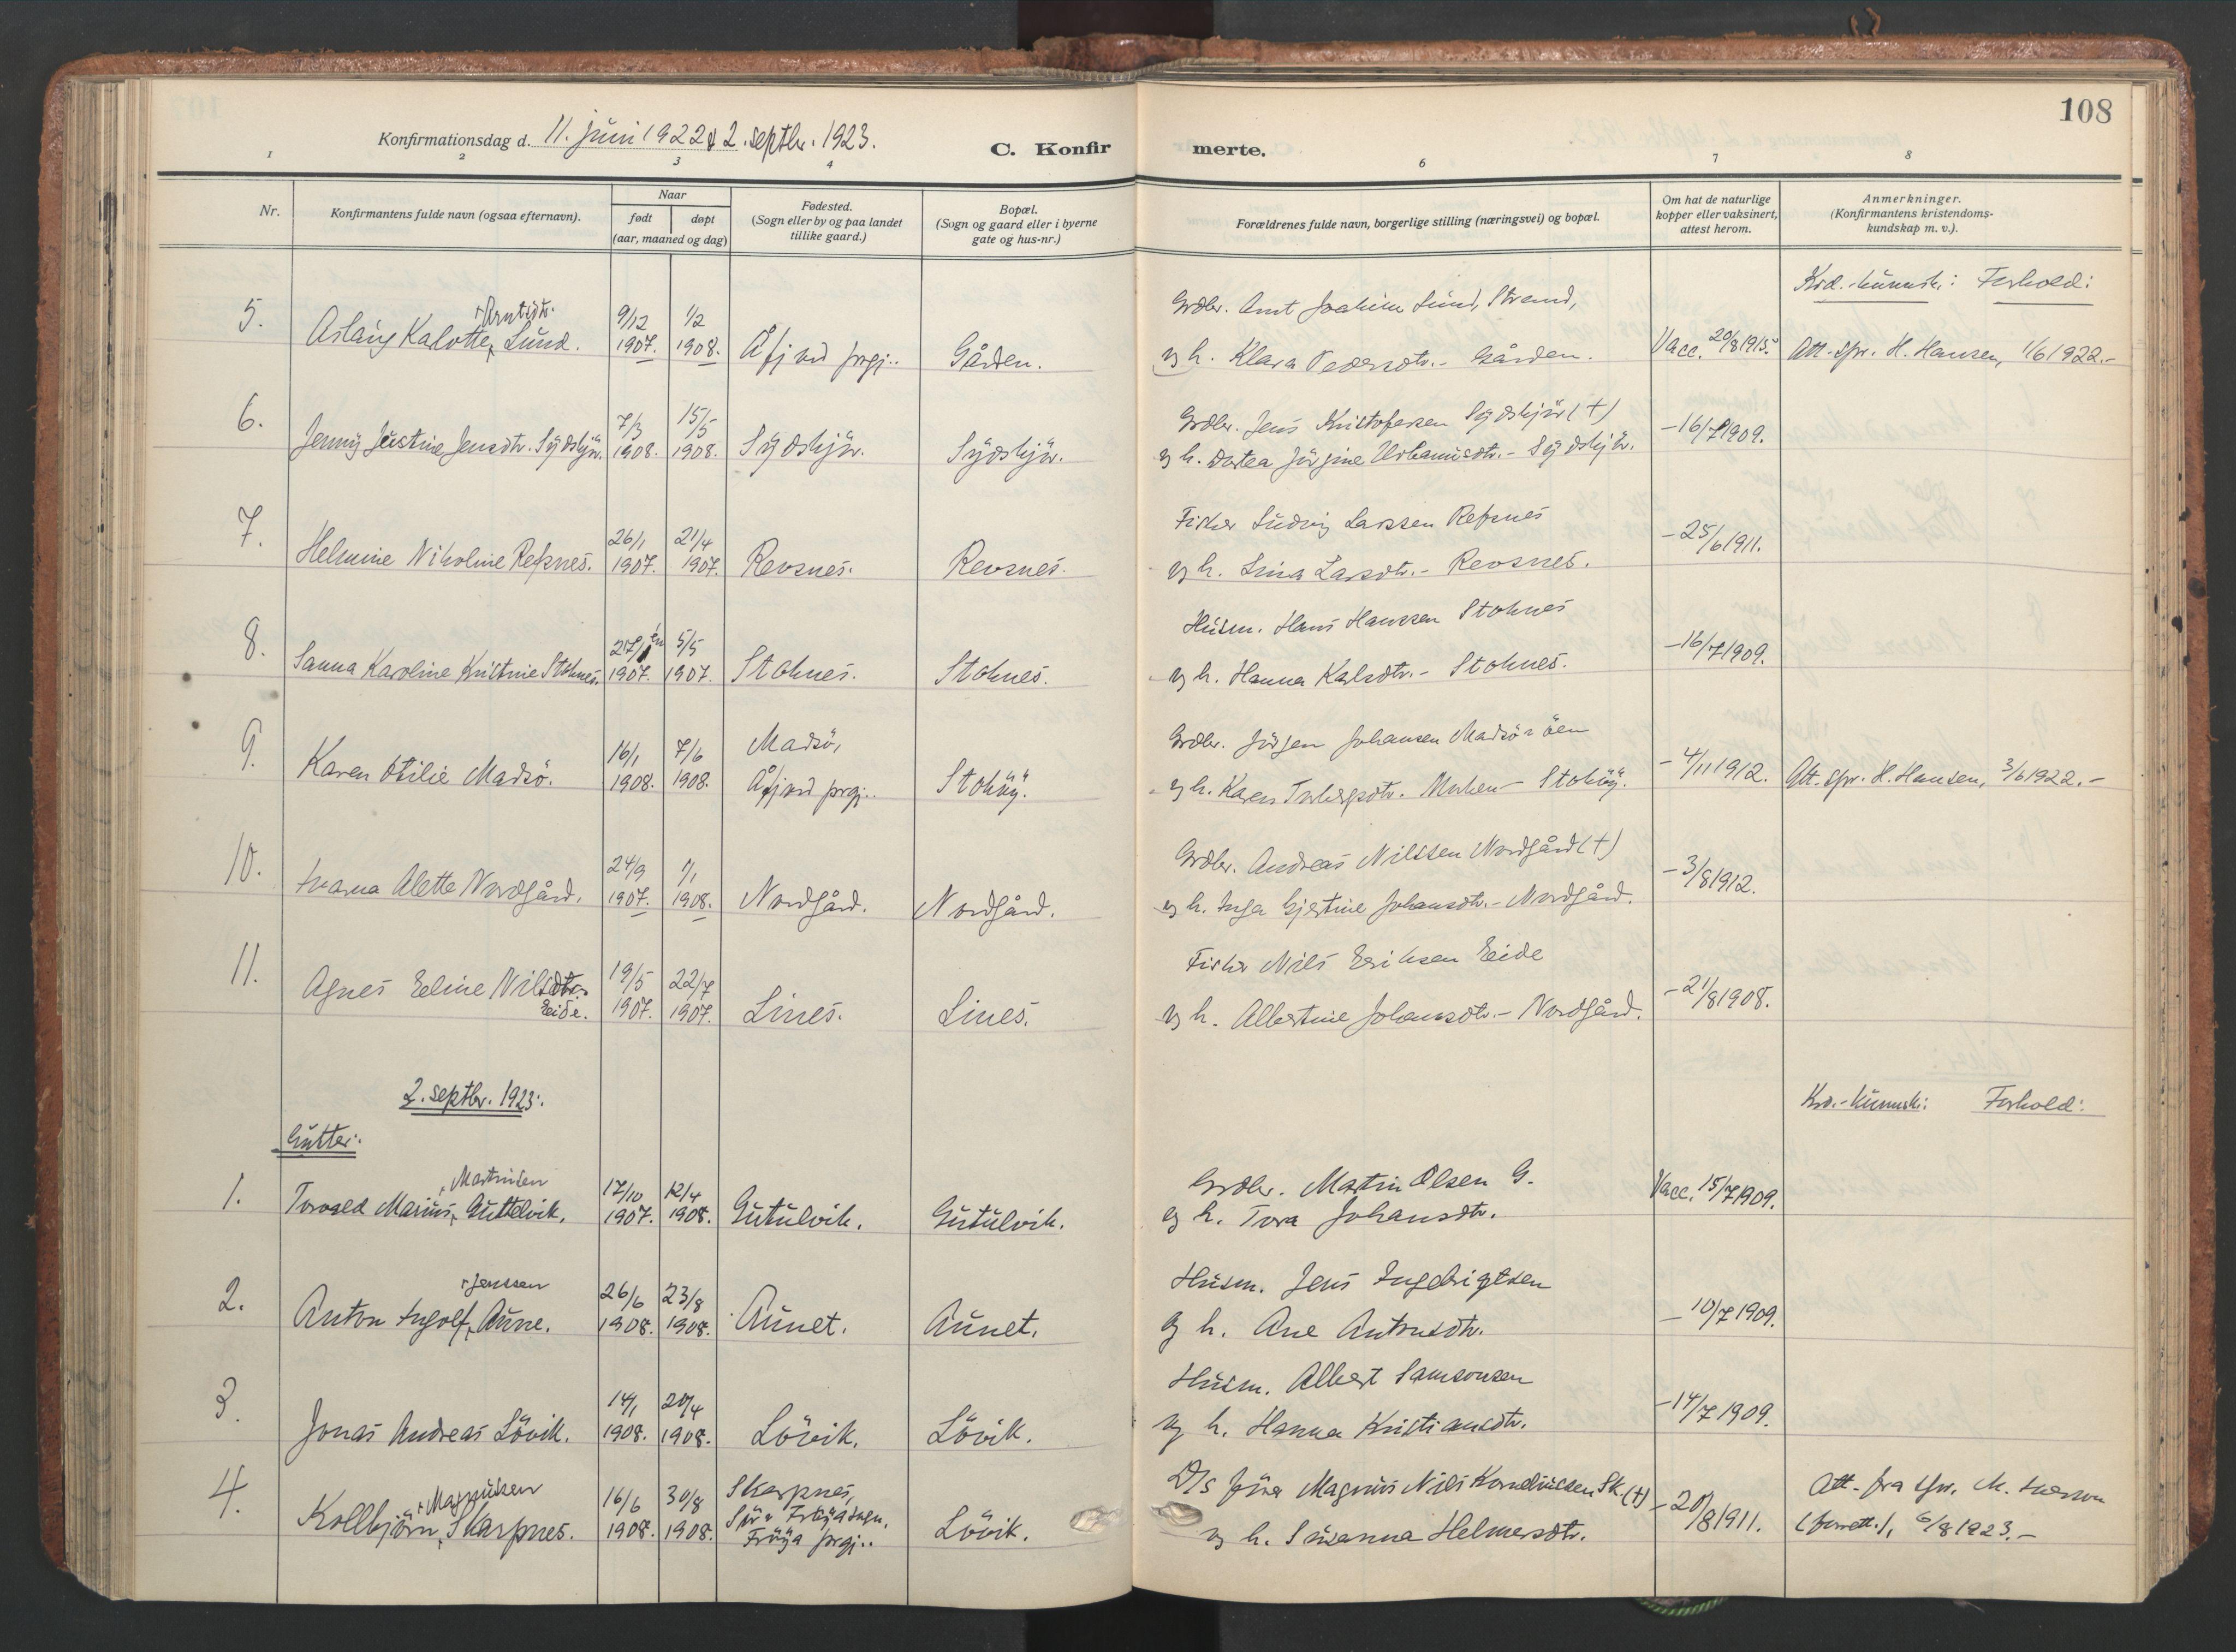 SAT, Ministerialprotokoller, klokkerbøker og fødselsregistre - Sør-Trøndelag, 656/L0694: Ministerialbok nr. 656A03, 1914-1931, s. 108